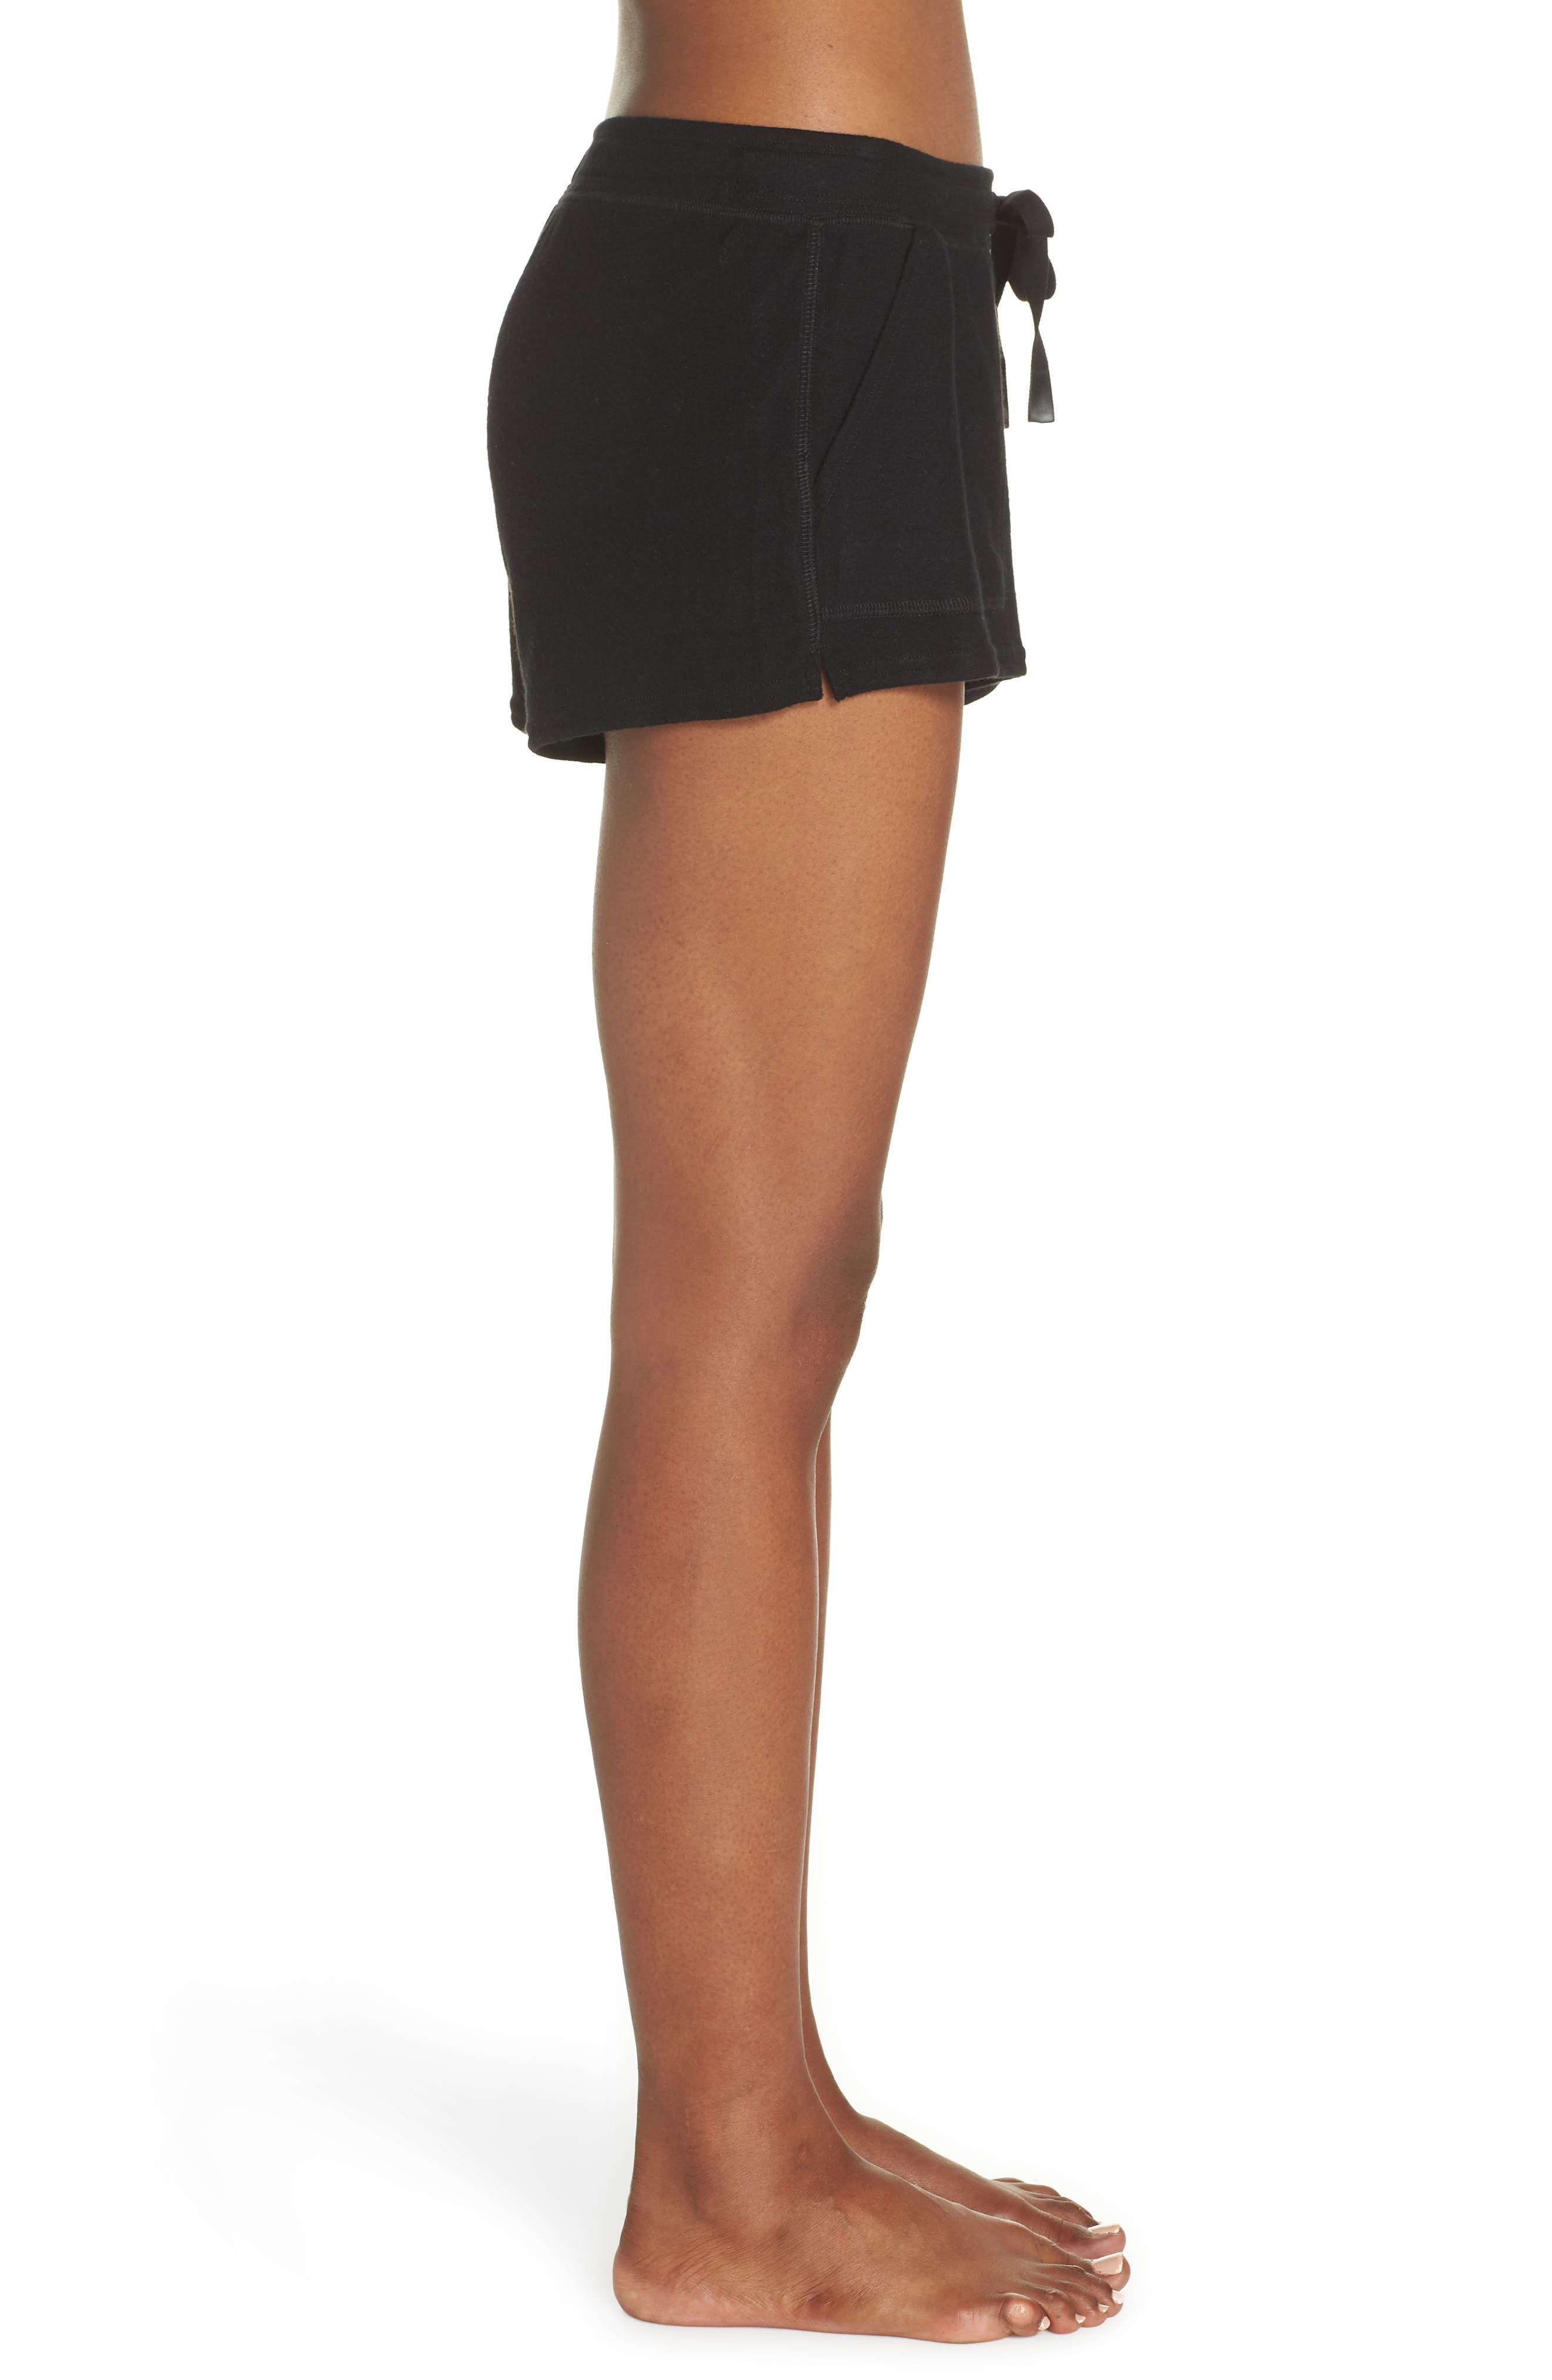 Daze Shorts,                             Alternate thumbnail 3, color,                             BLACK